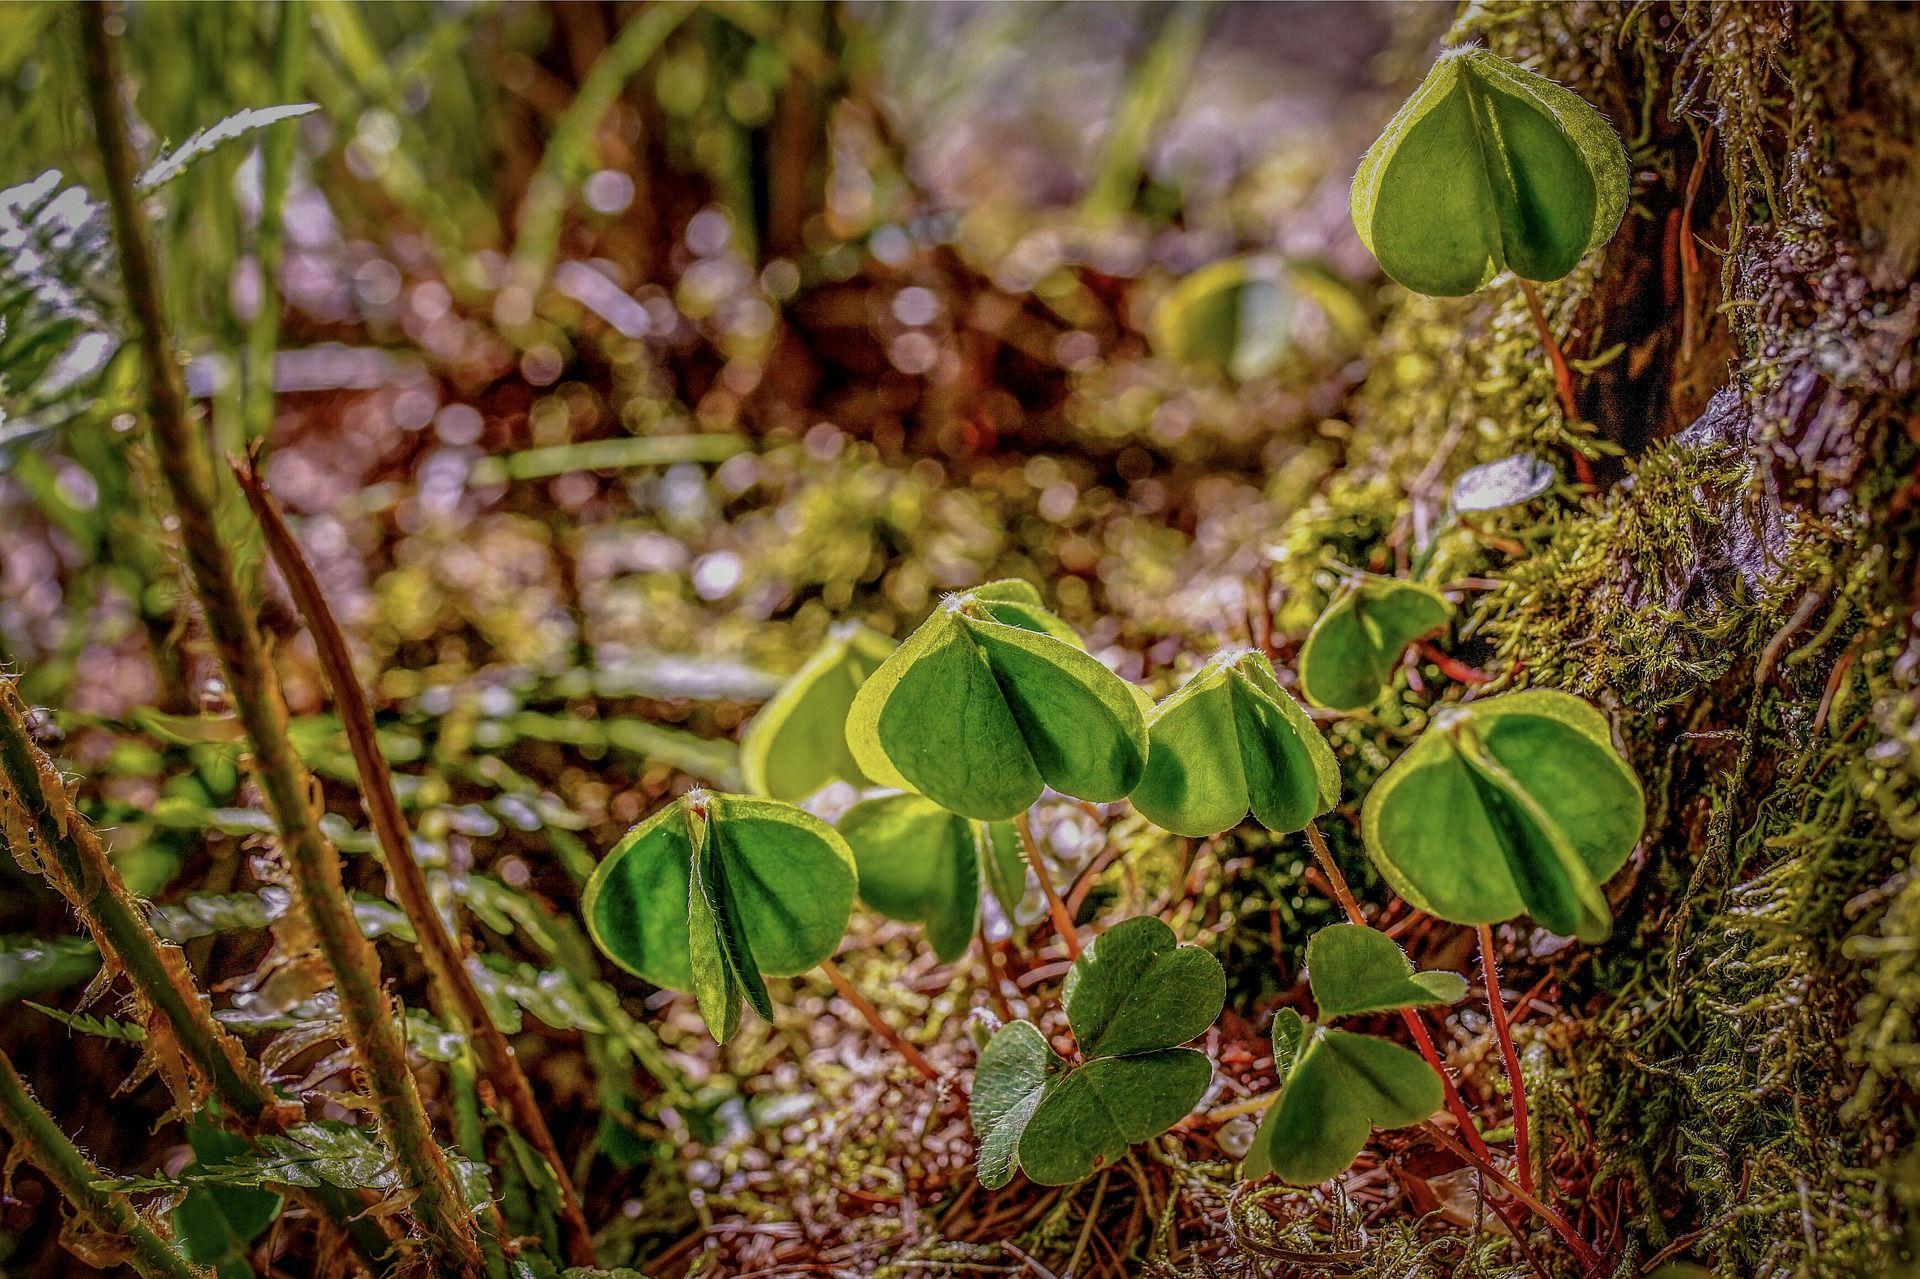 Hình ảnh cỏ 4 lá rừng